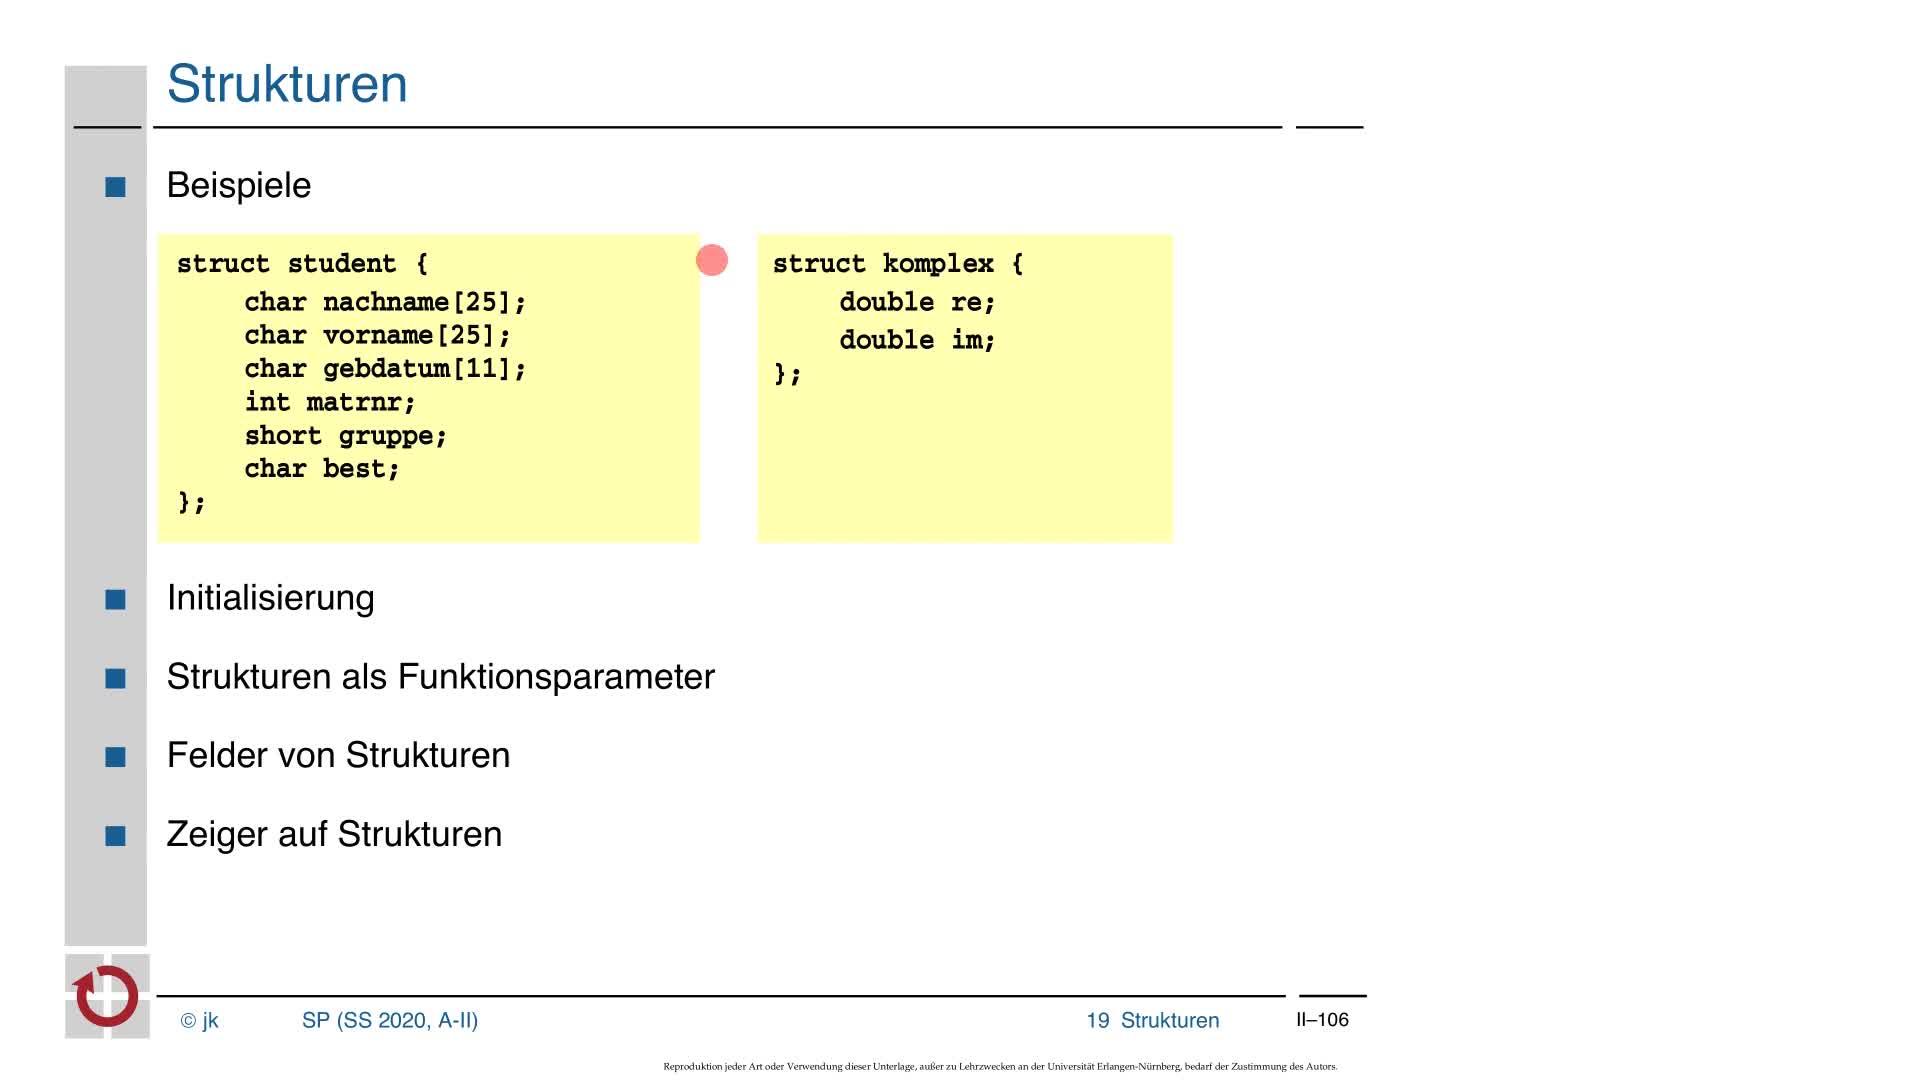 2.5.3 C-Kurzeinführung: Strukturen, Zeiger auf Funktionen preview image